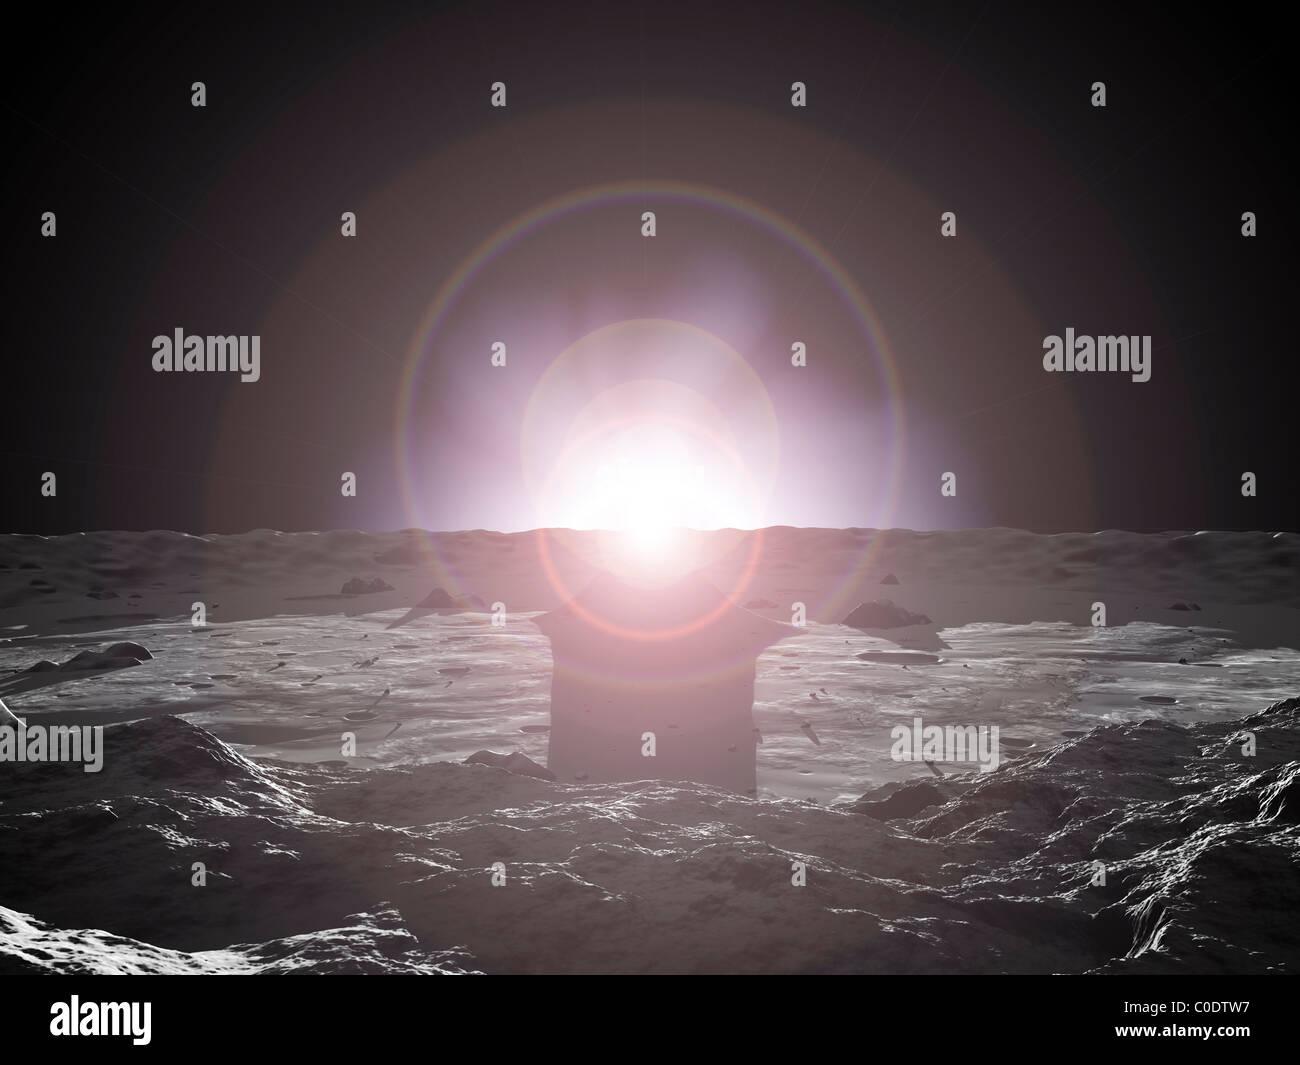 Amanecer sobre el mercurio. Imagen De Stock